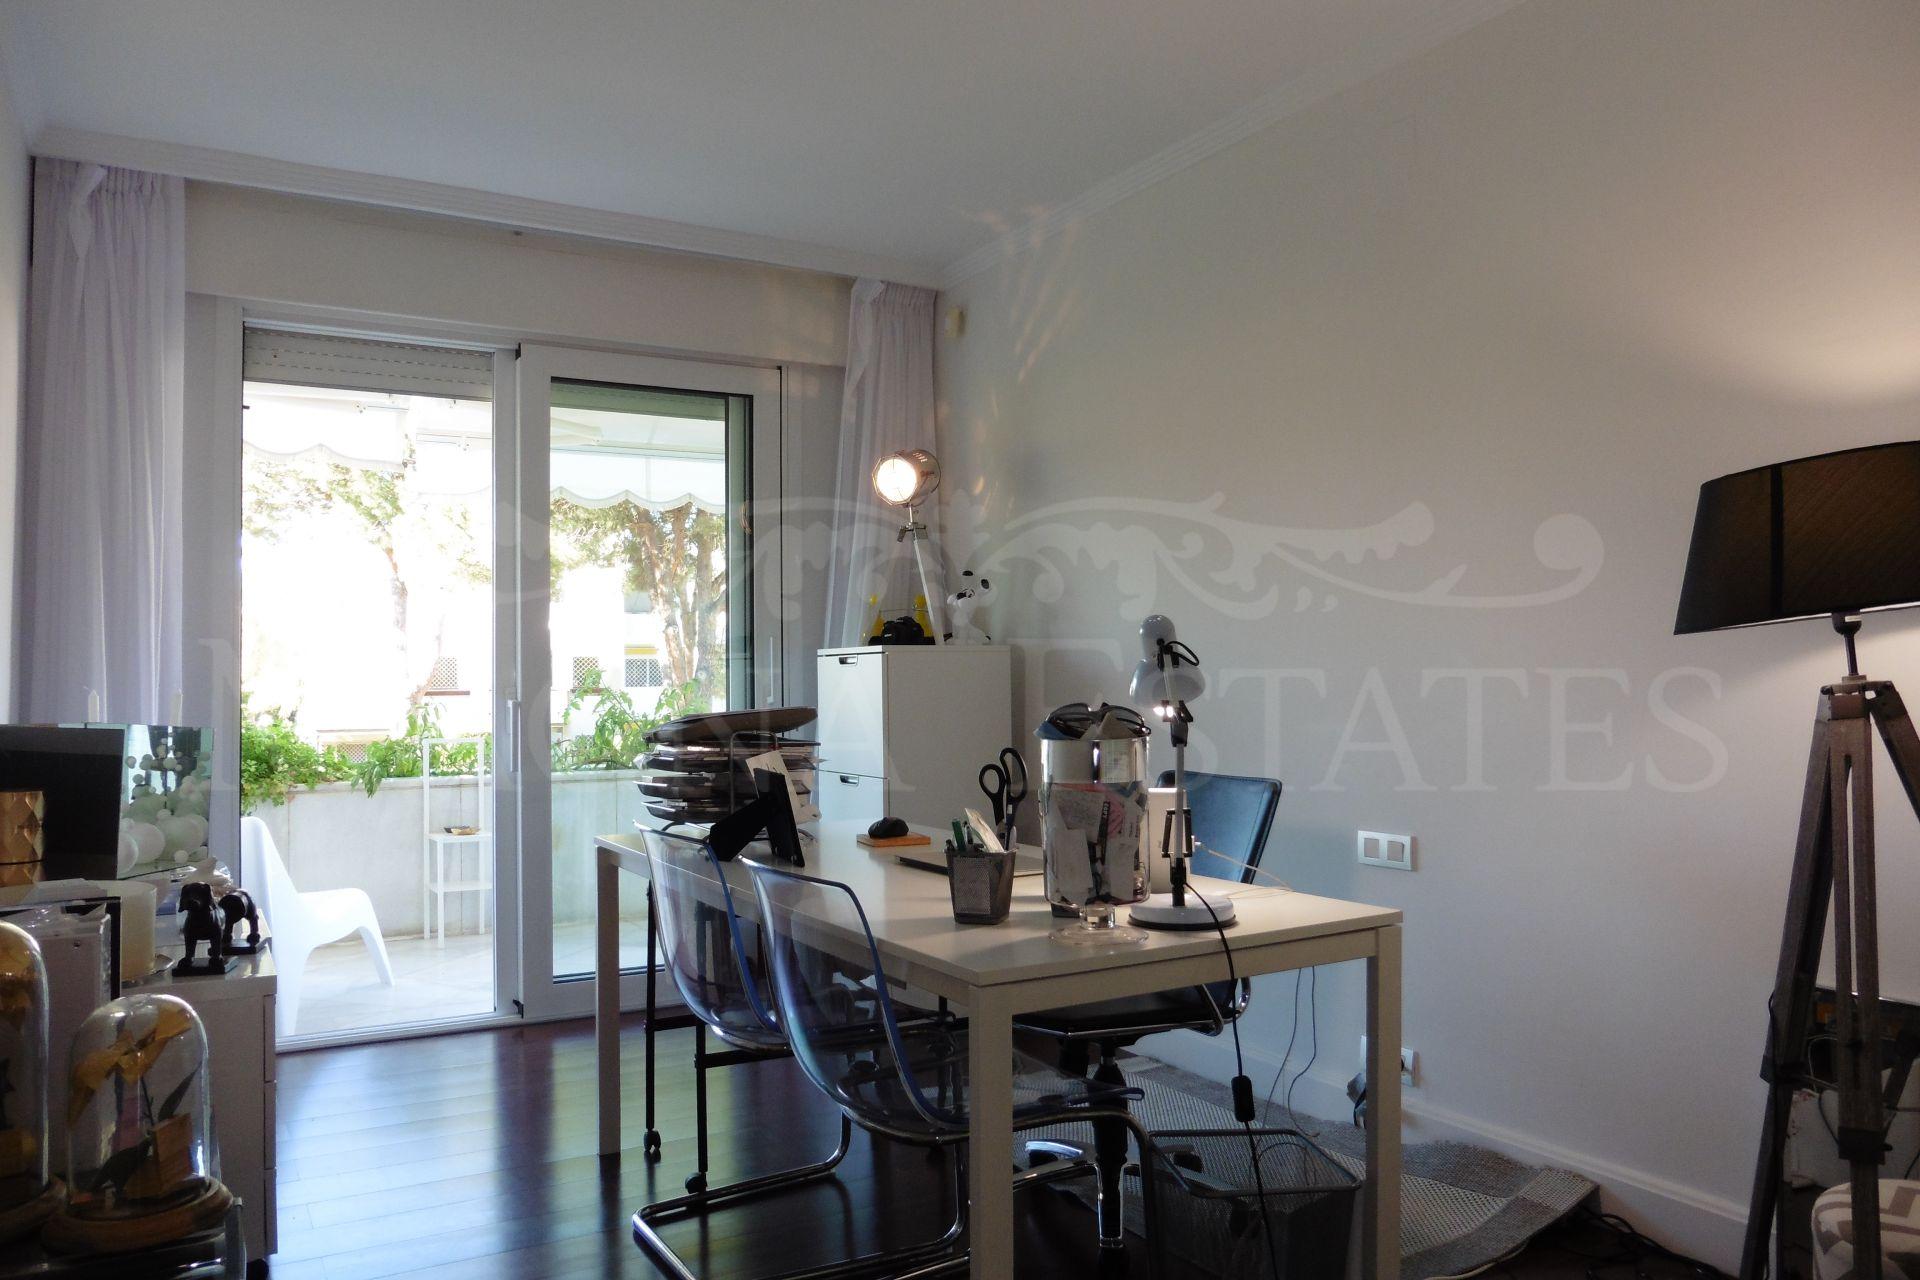 Apartamento exclusivo con 4 dormitorios y alta calidad en Nueva Andalucía